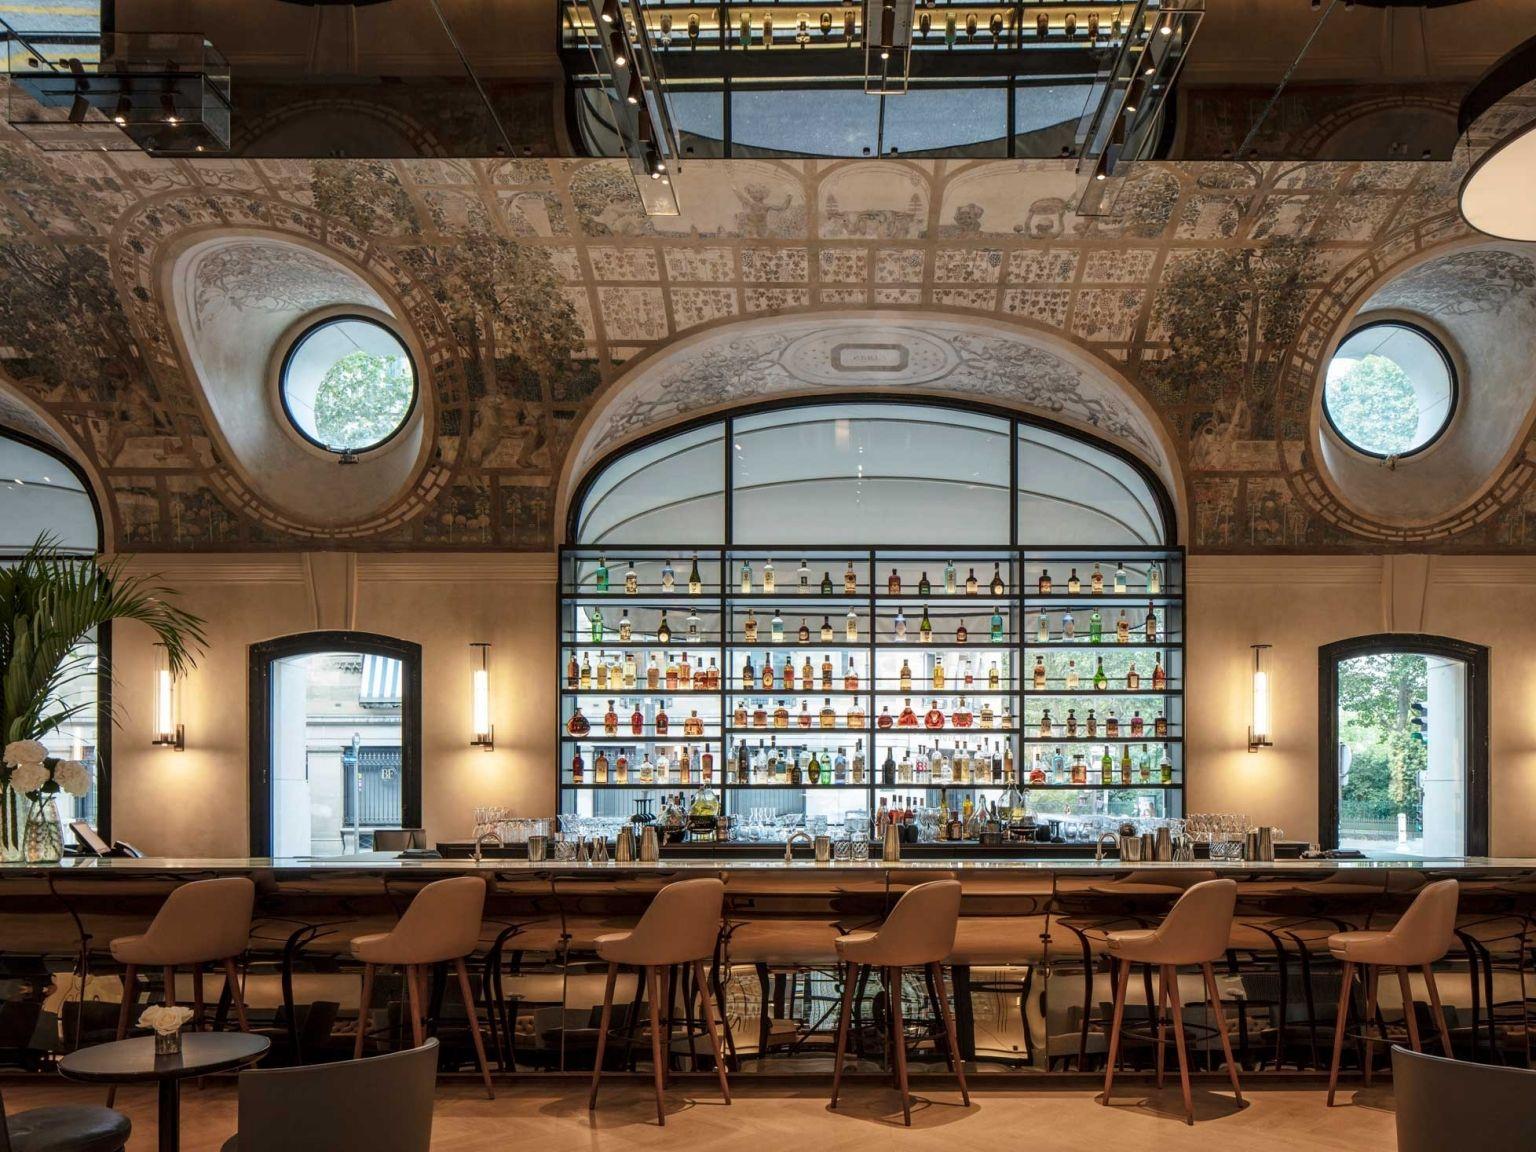 Bar Josephine | Paris | Palace Hotel Lutetia à Restaurant Avec Jardin Ile De France